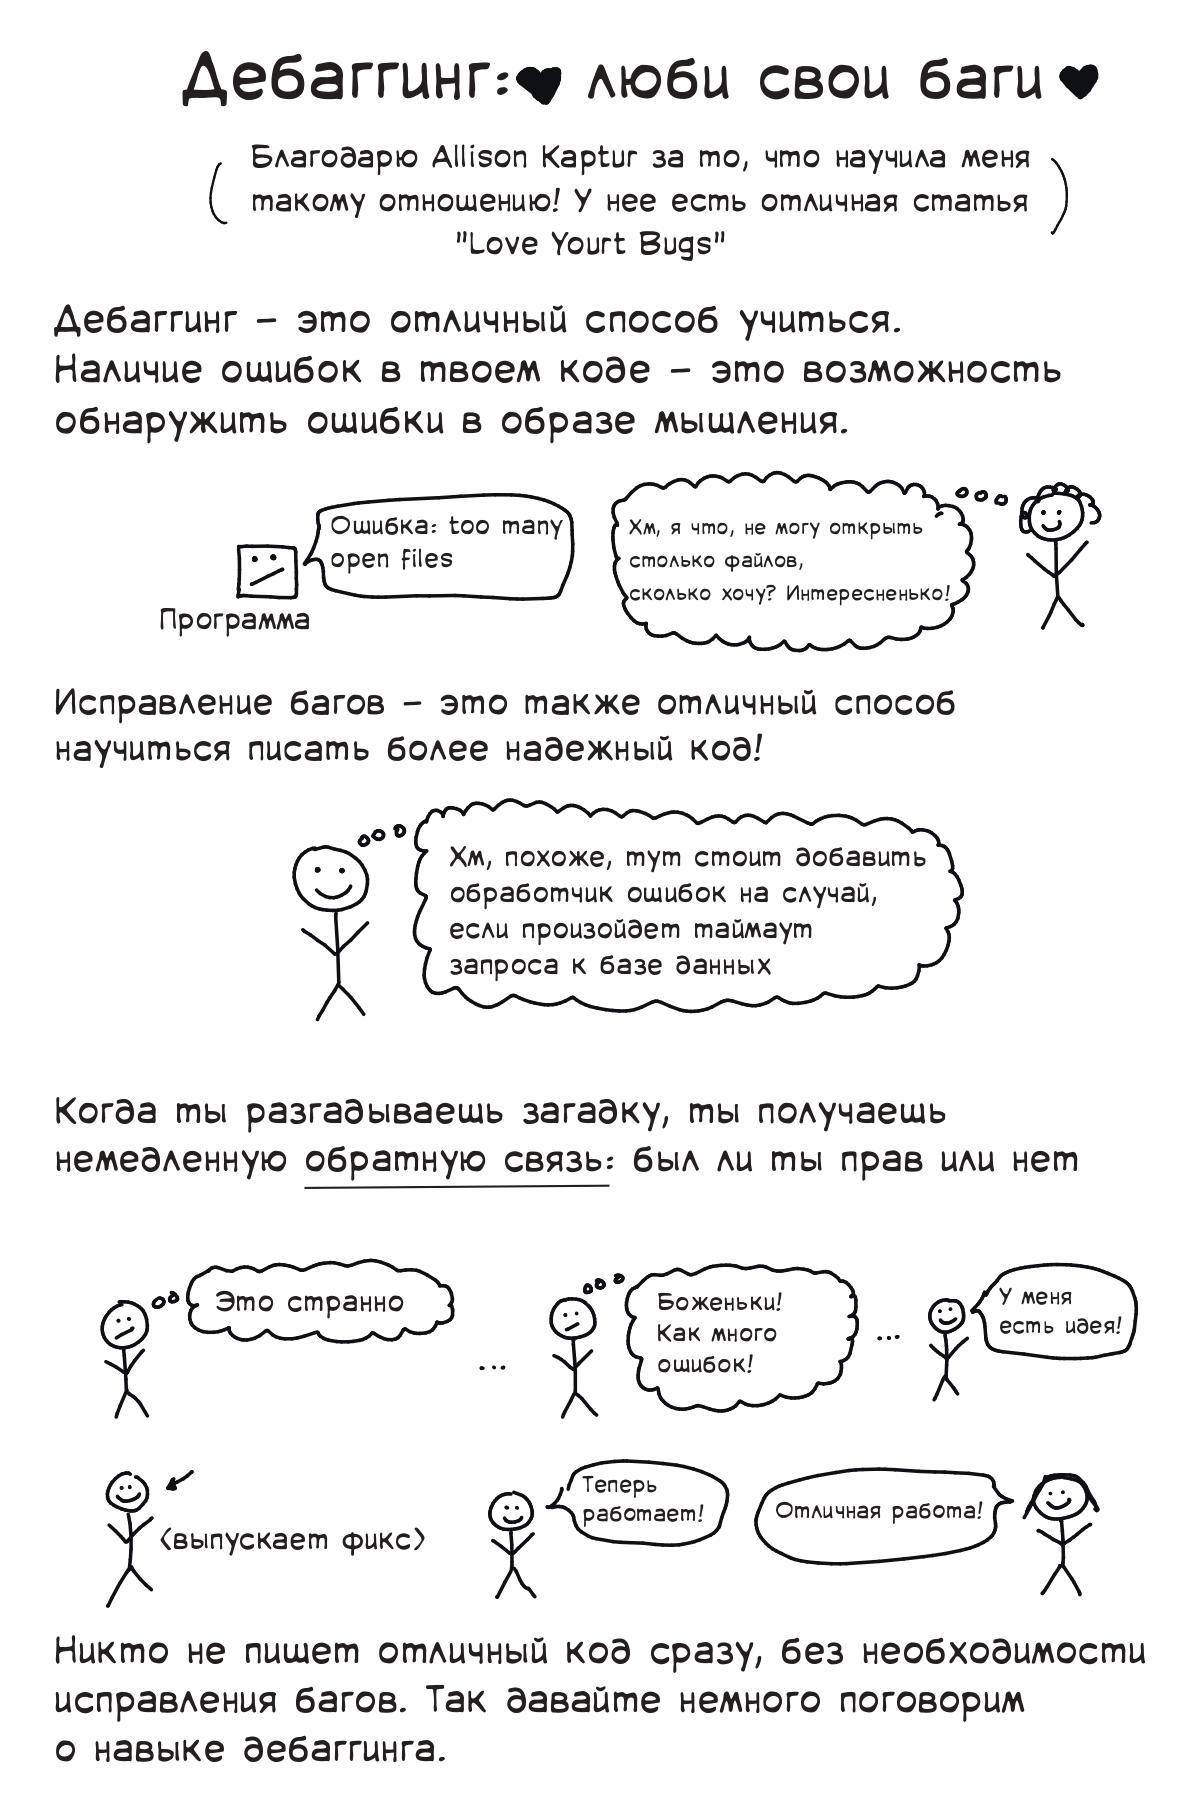 [Перевод] Становимся волшебниками в программировании. Часть 2